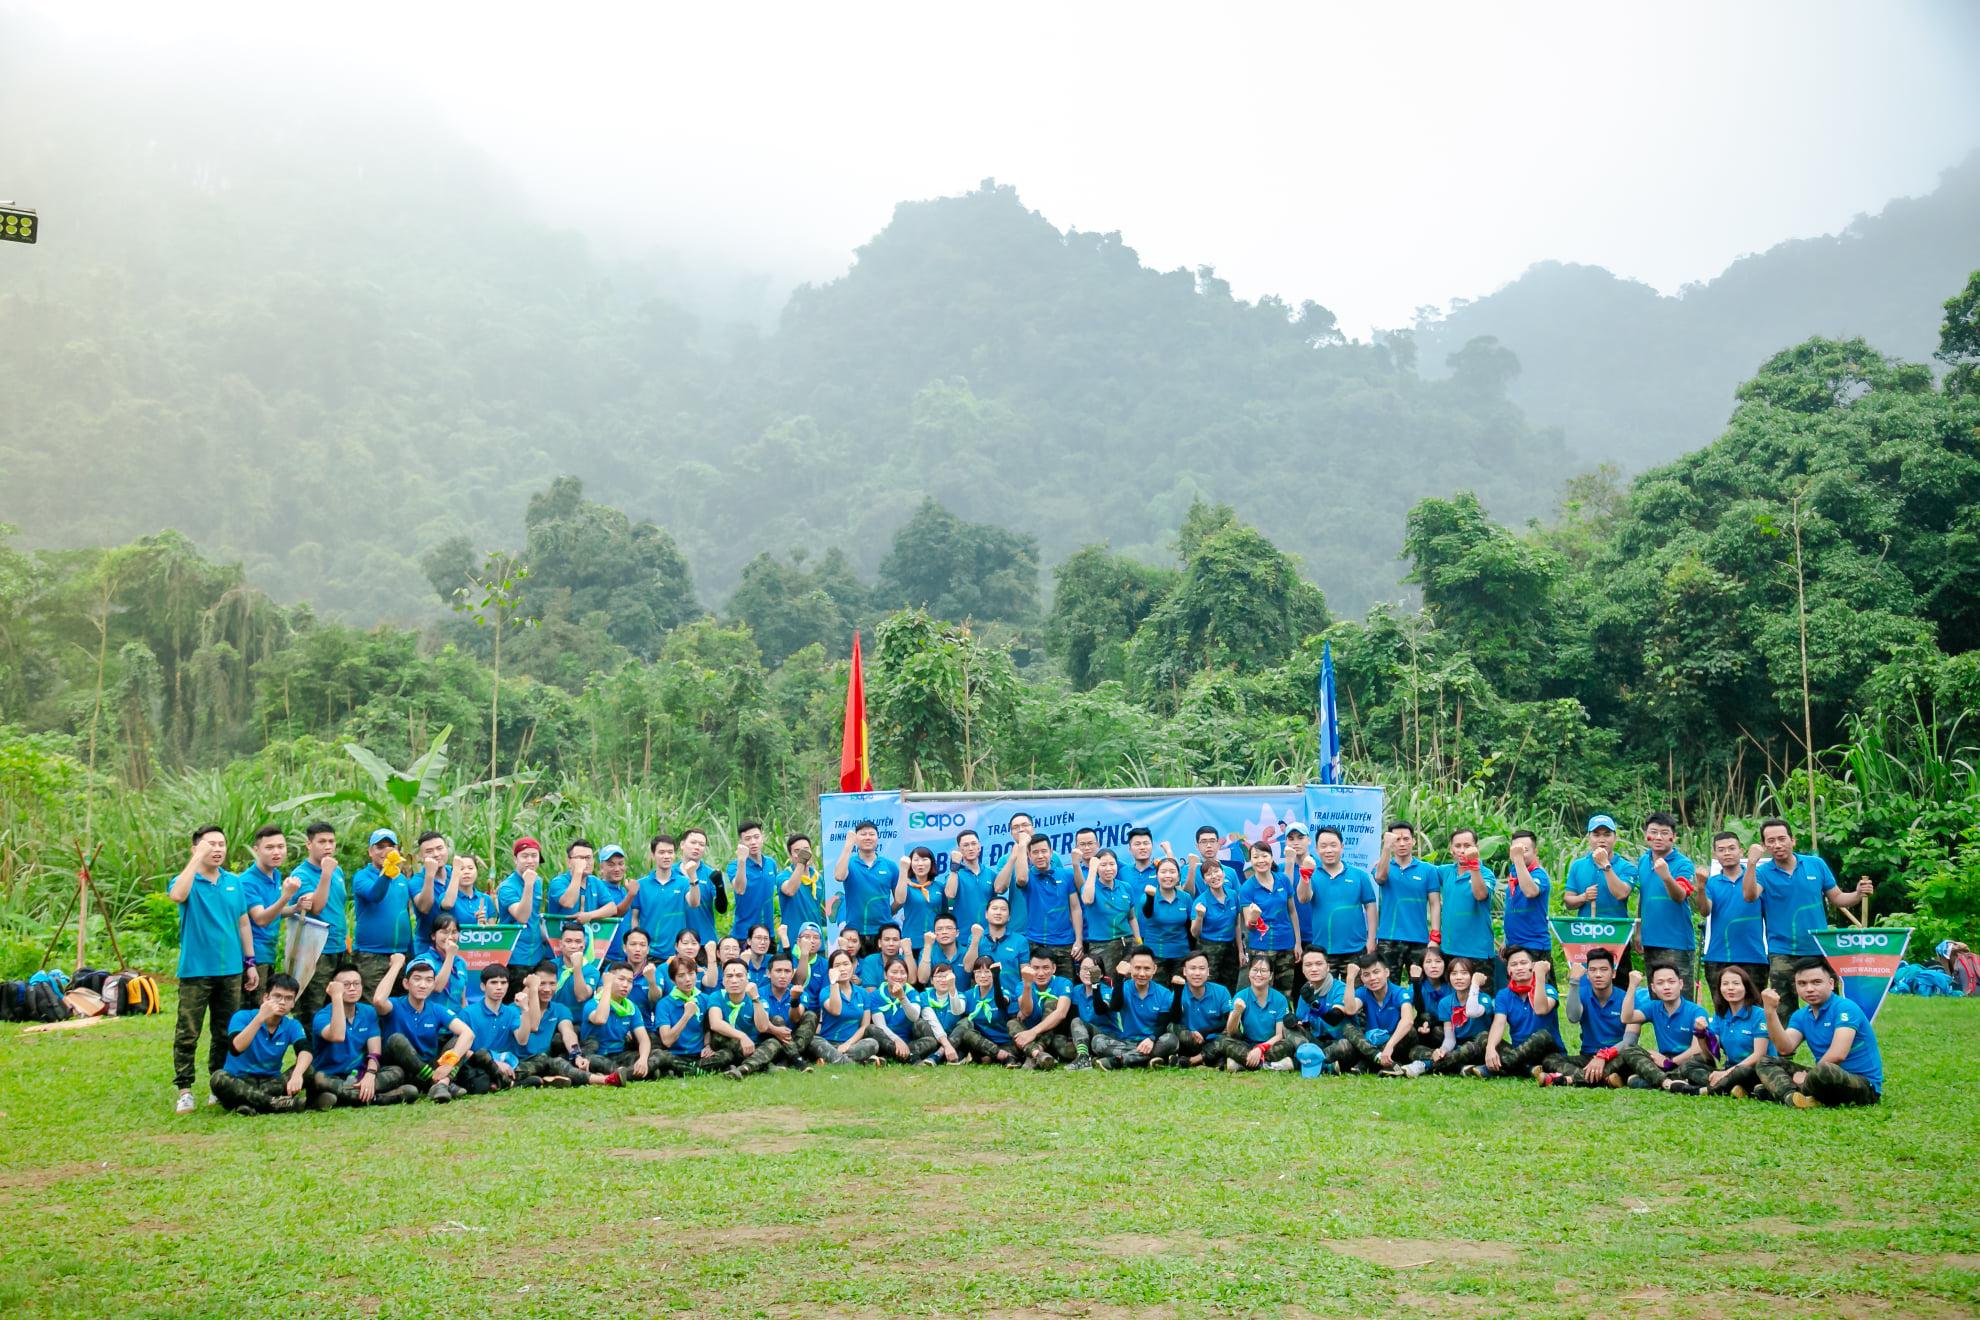 Trại huấn luyện binh đoàn trưởng Sapo 2021 trôi qua đọng lại với Bạn điều gì?